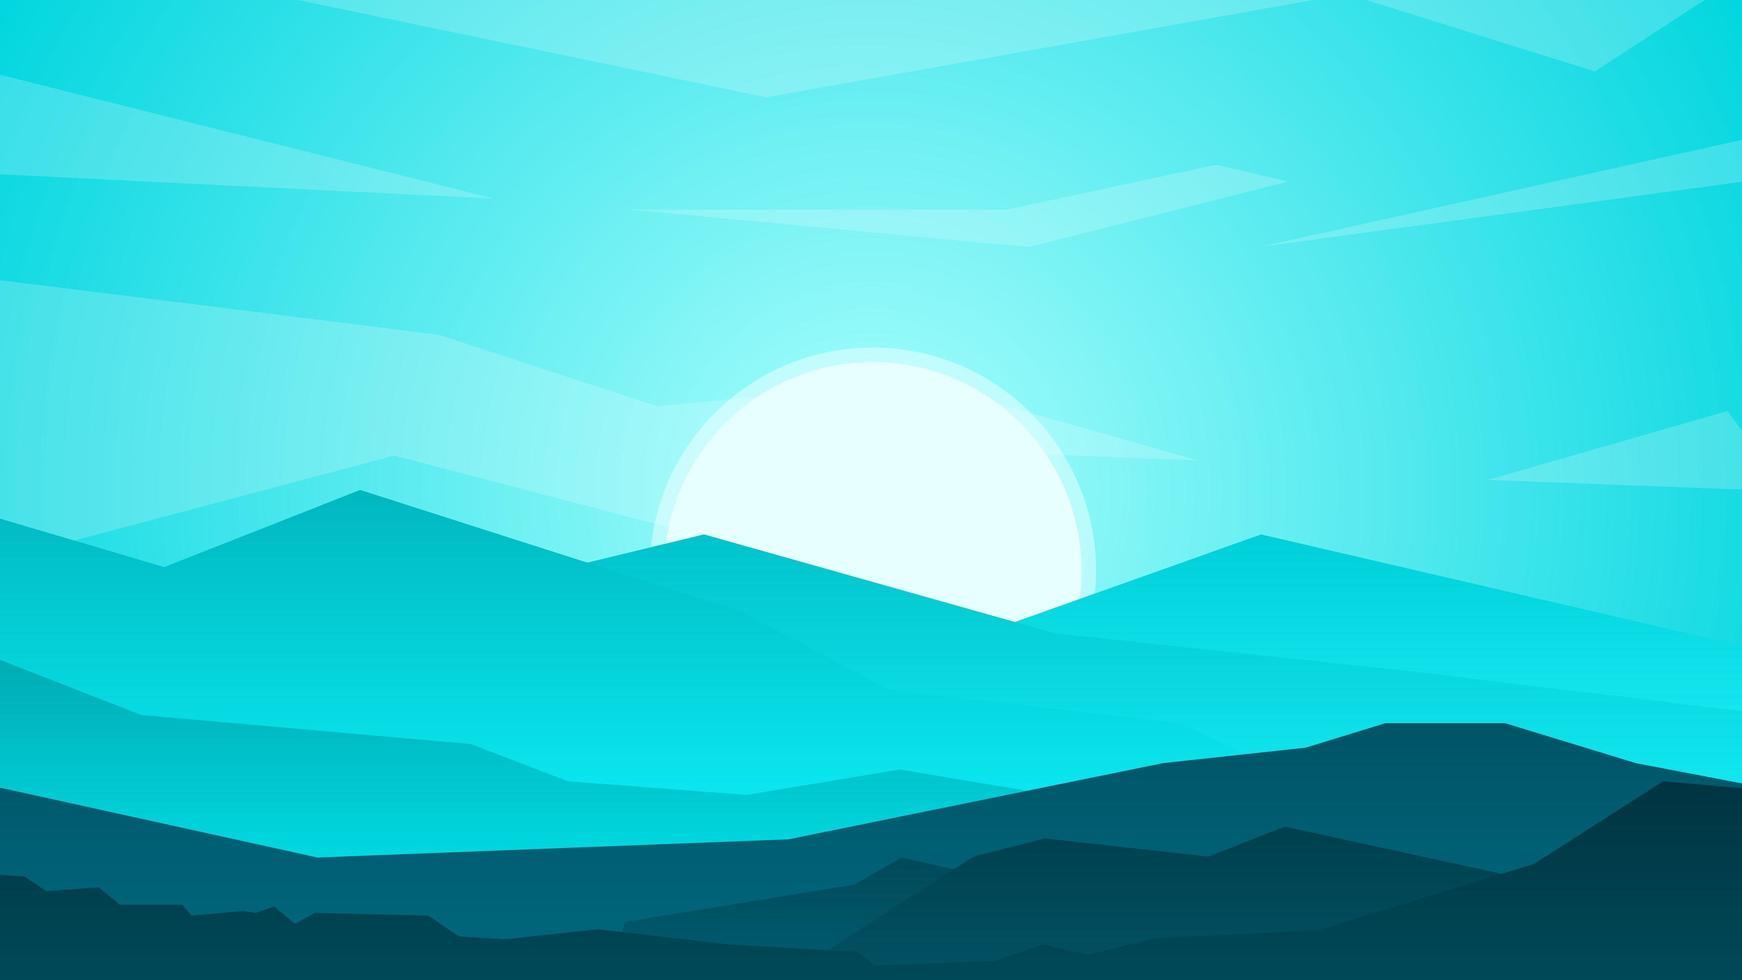 fundo de paisagem ao pôr do sol com montanhas vetor